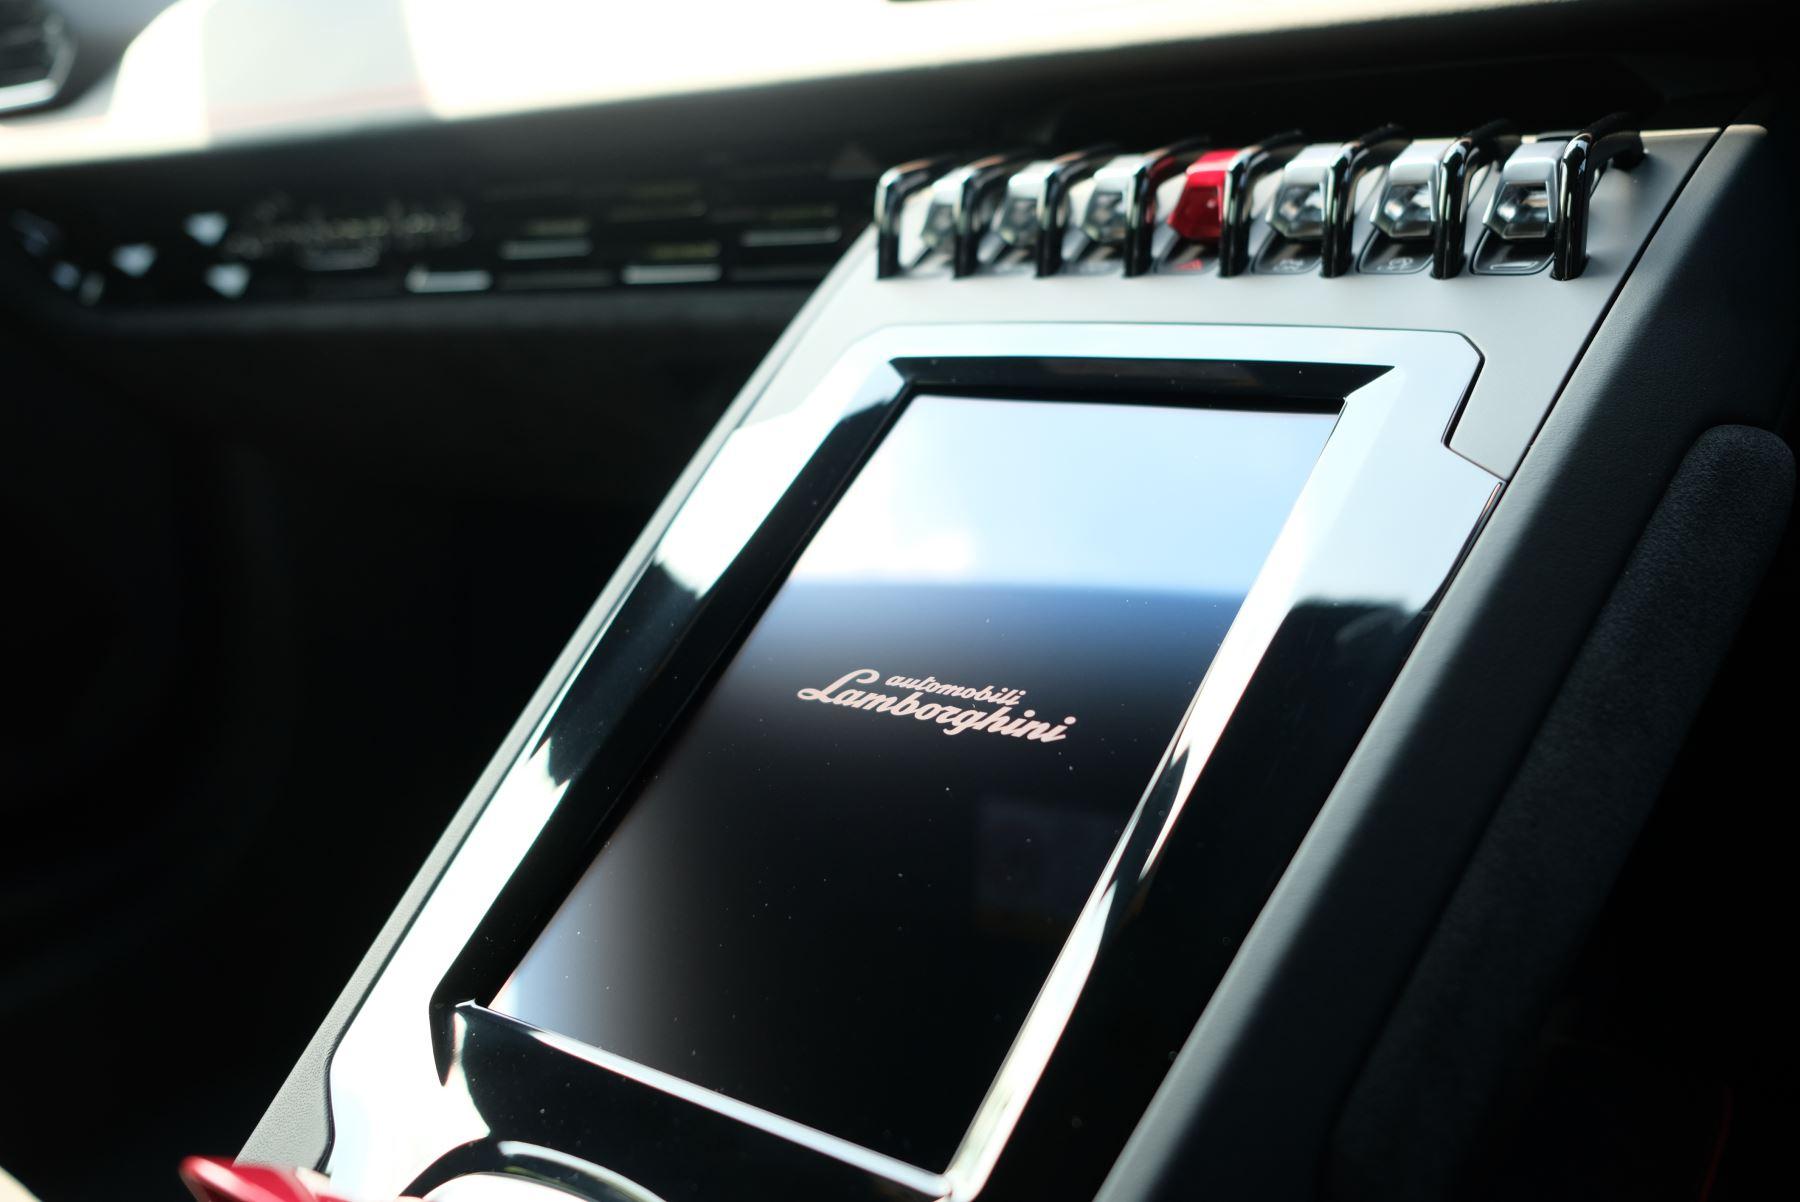 Lamborghini Huracan EVO LP 640-4 5.2 AWD image 22